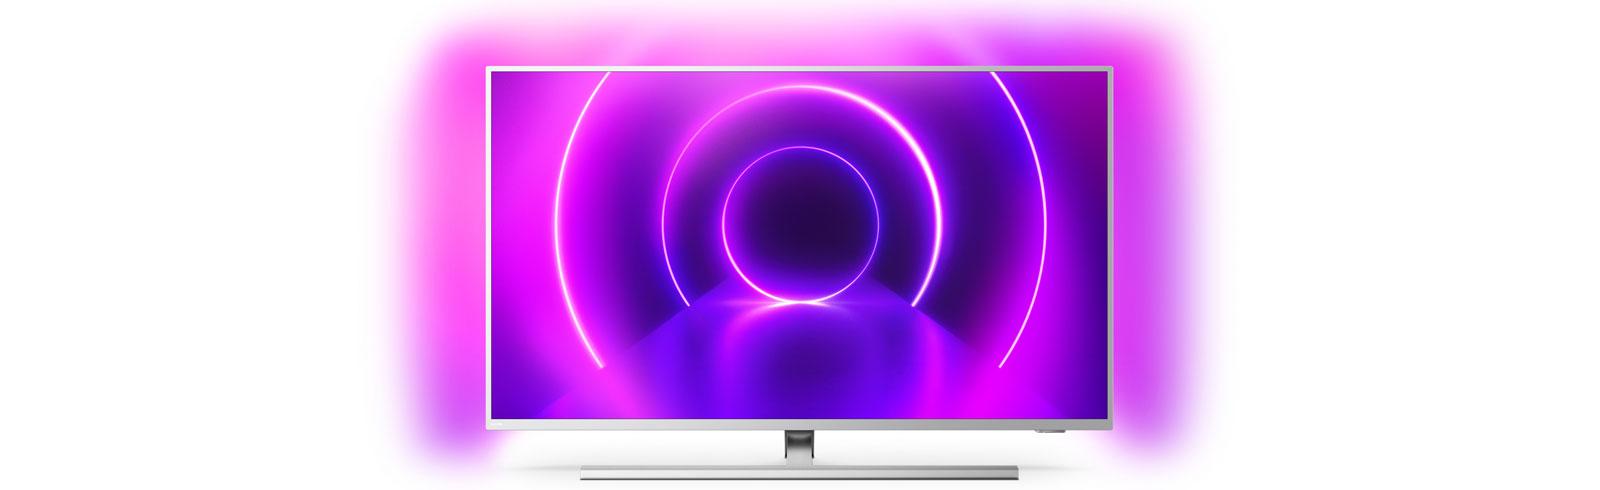 Philips 8505 series is announced, includes 70PUS8505, 65PUS8505, 58PUS8505, 50PUS8505, 43PUS8505